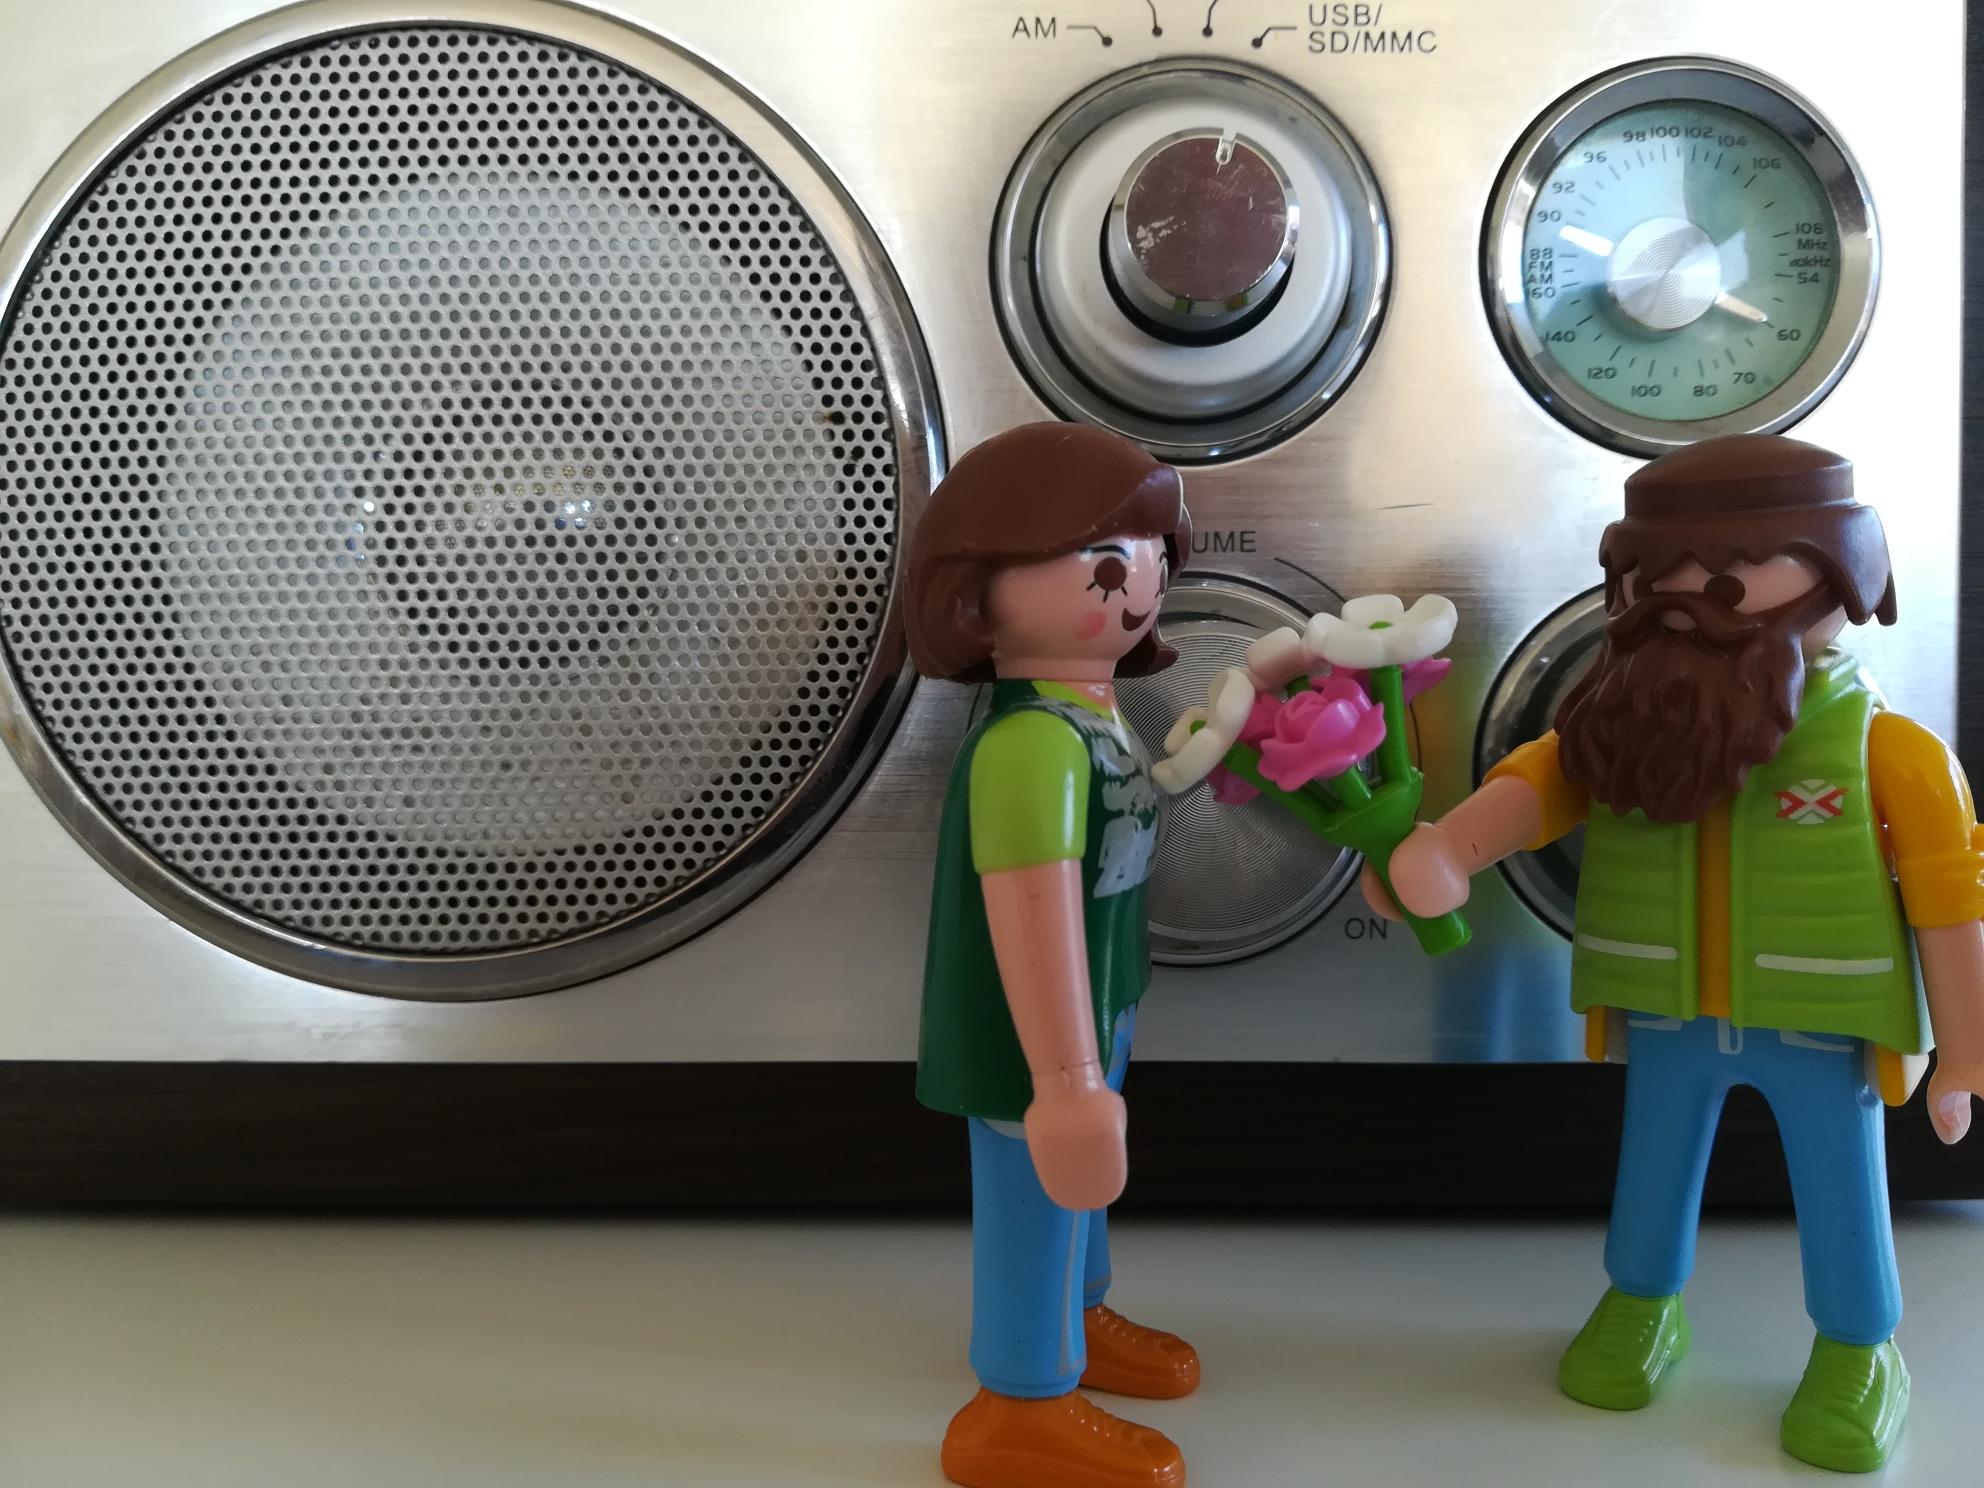 Zwei Playmobilfiguren mit Blumenstrauß vor einem Radiogerät